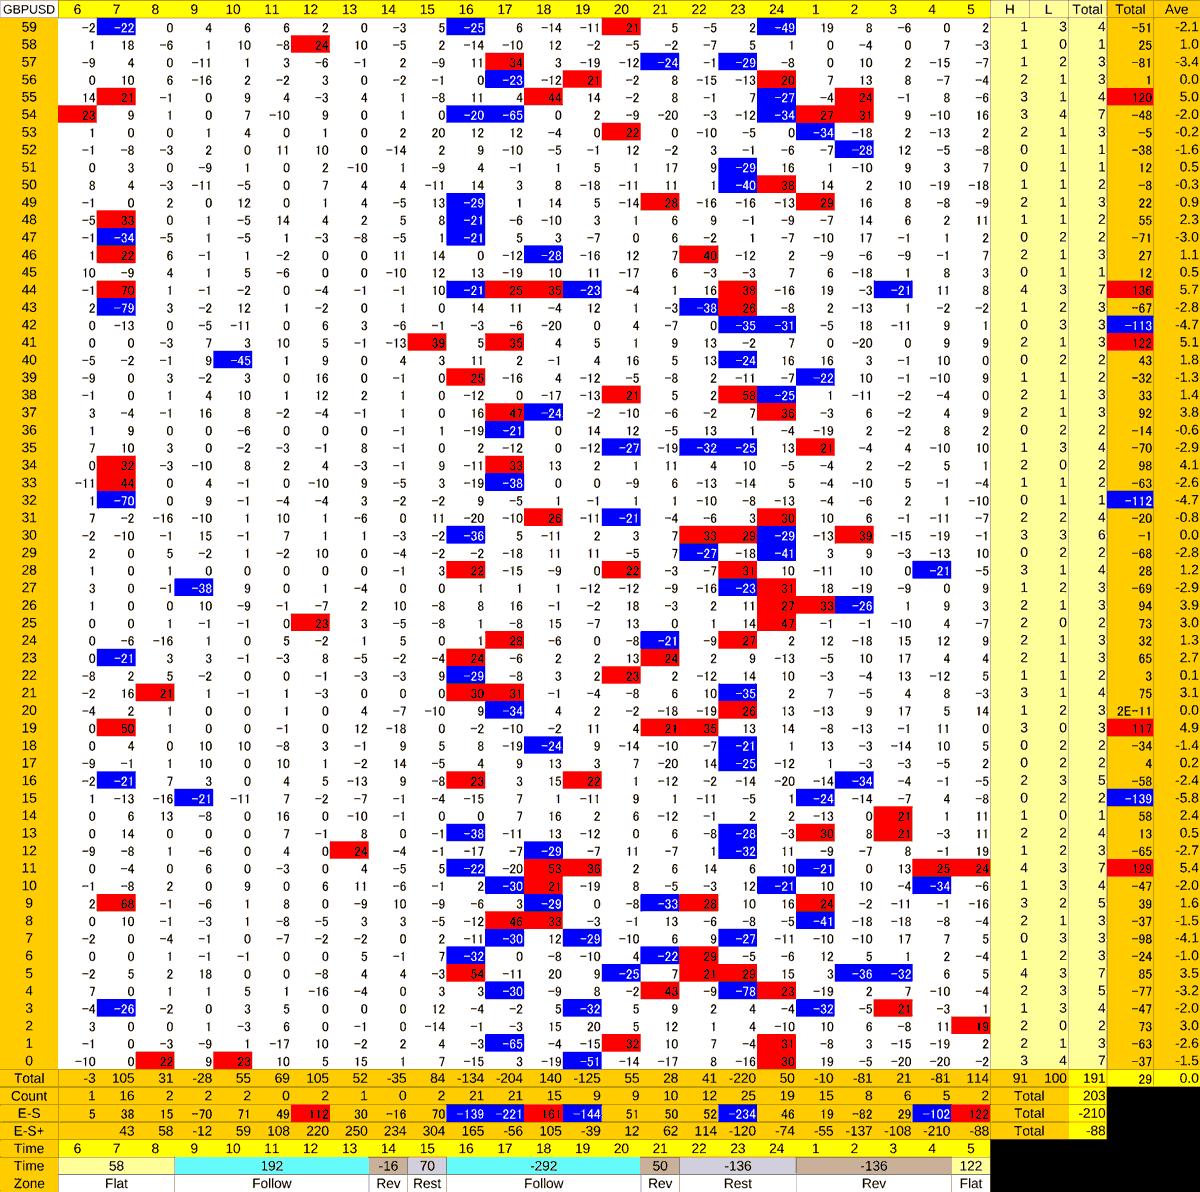 20210211_HS(2)GBPUSD